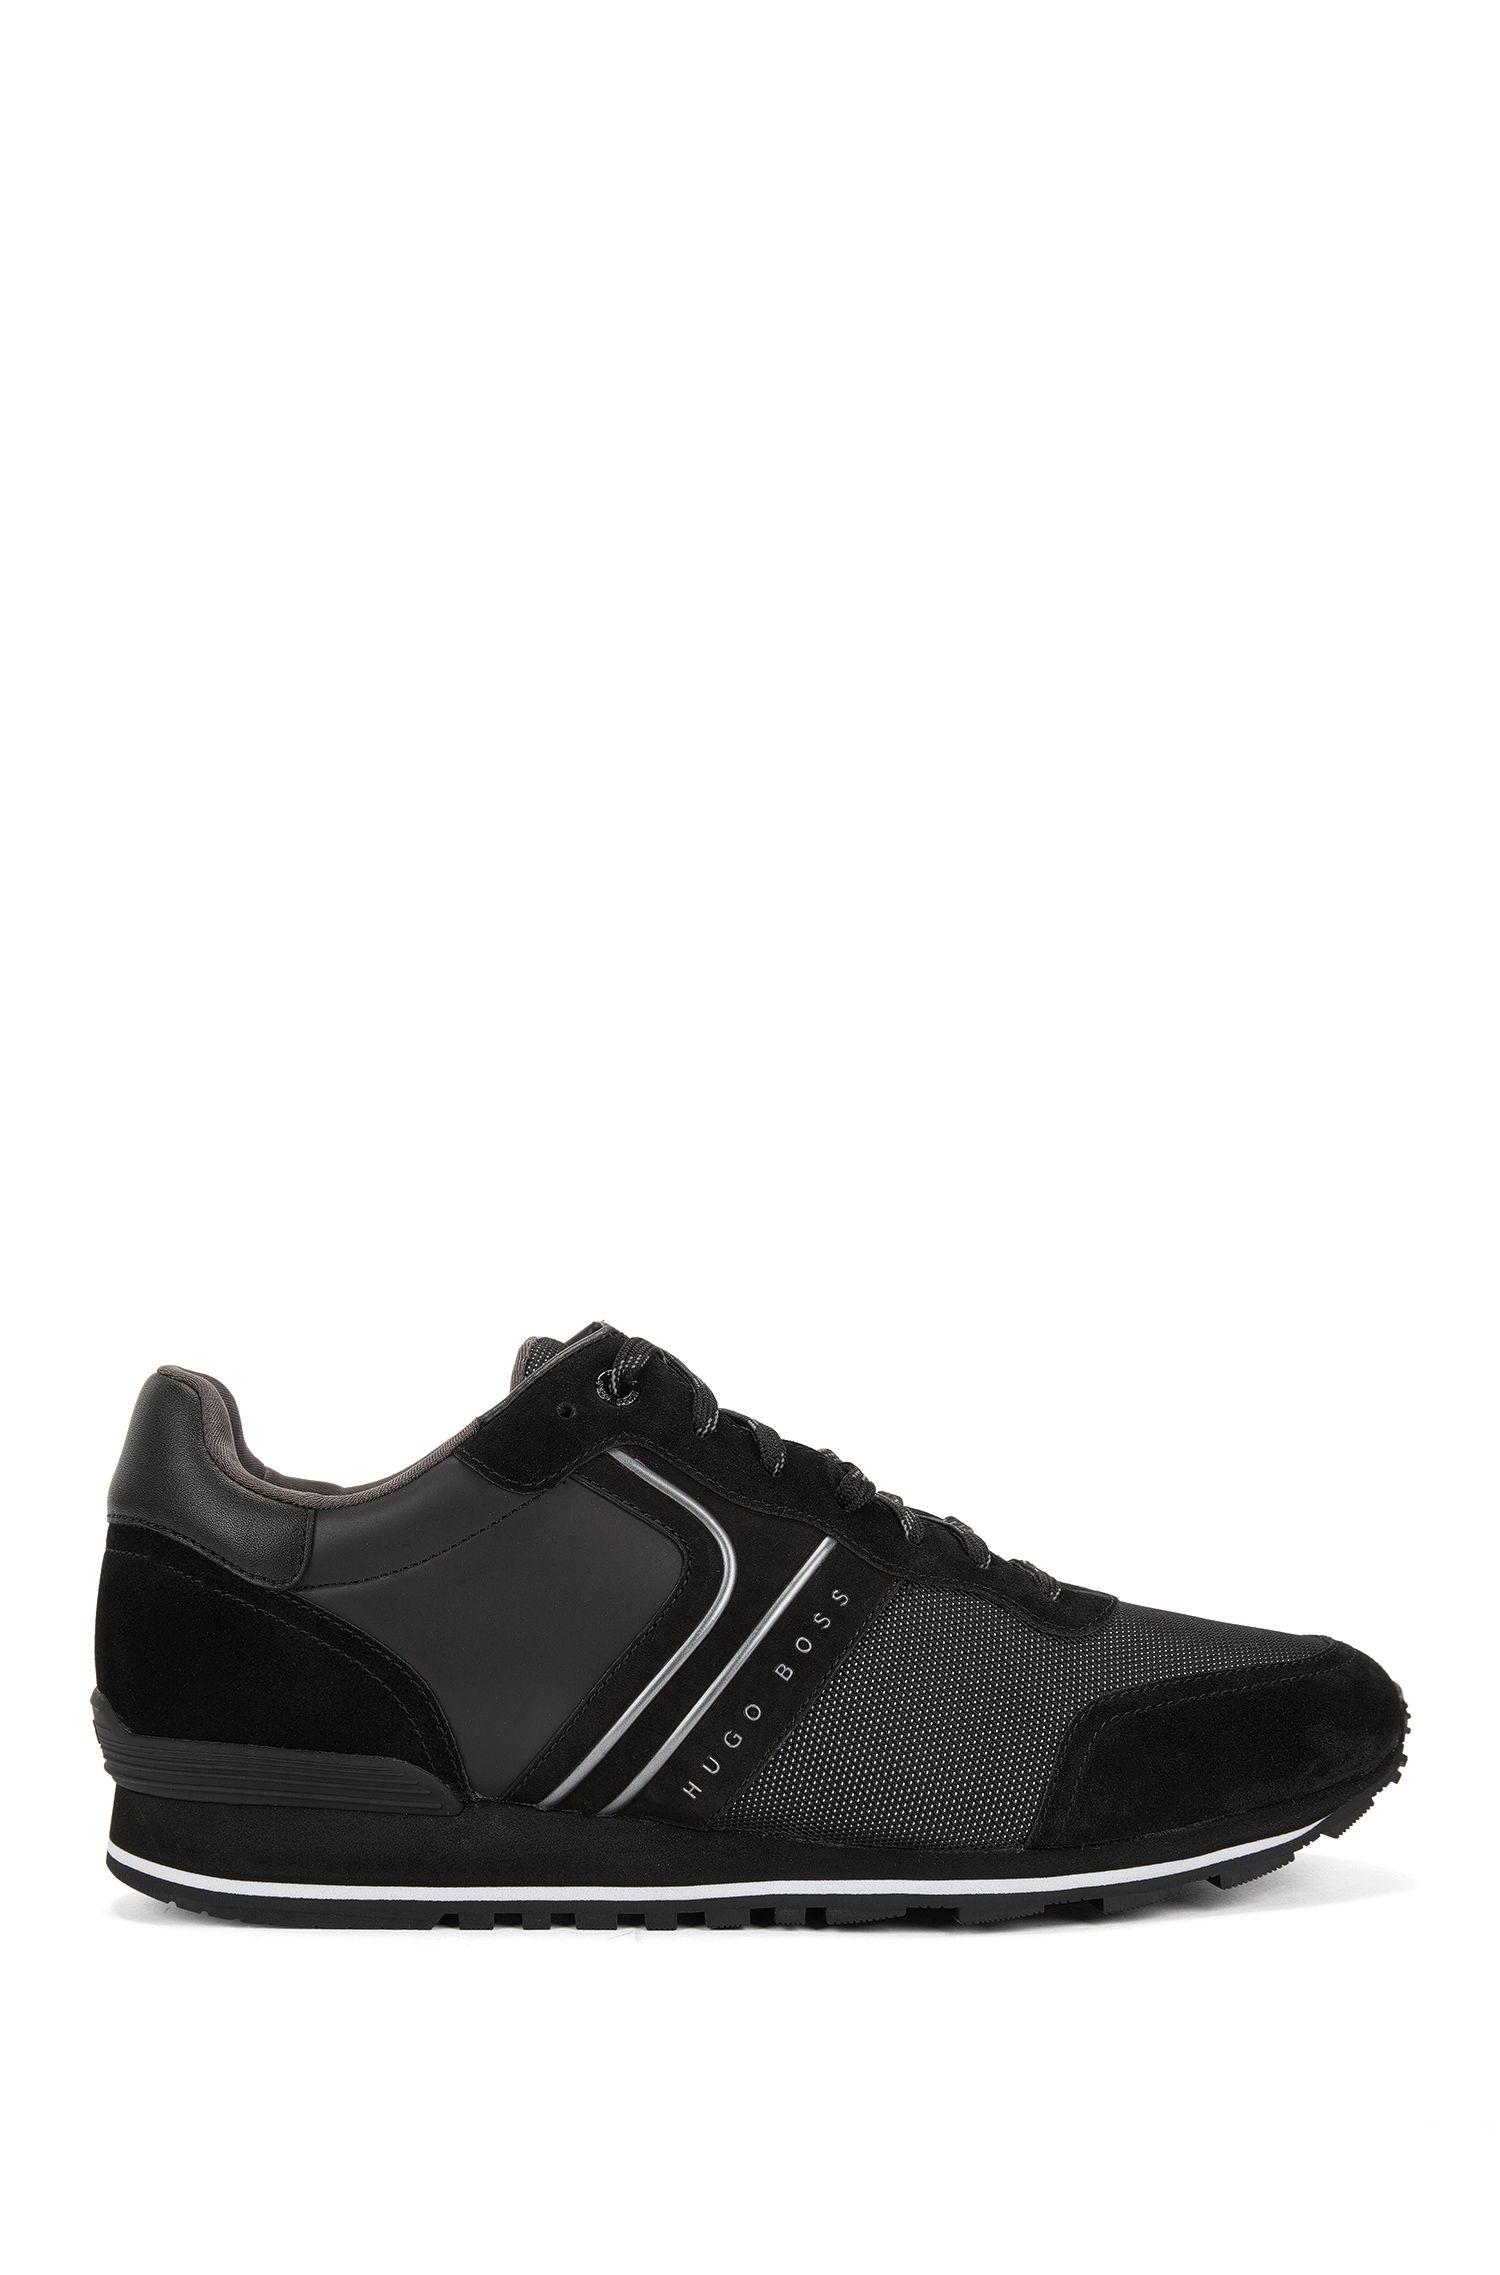 Sneakers stile runner d'ispirazione rétro con tomaia ibrida